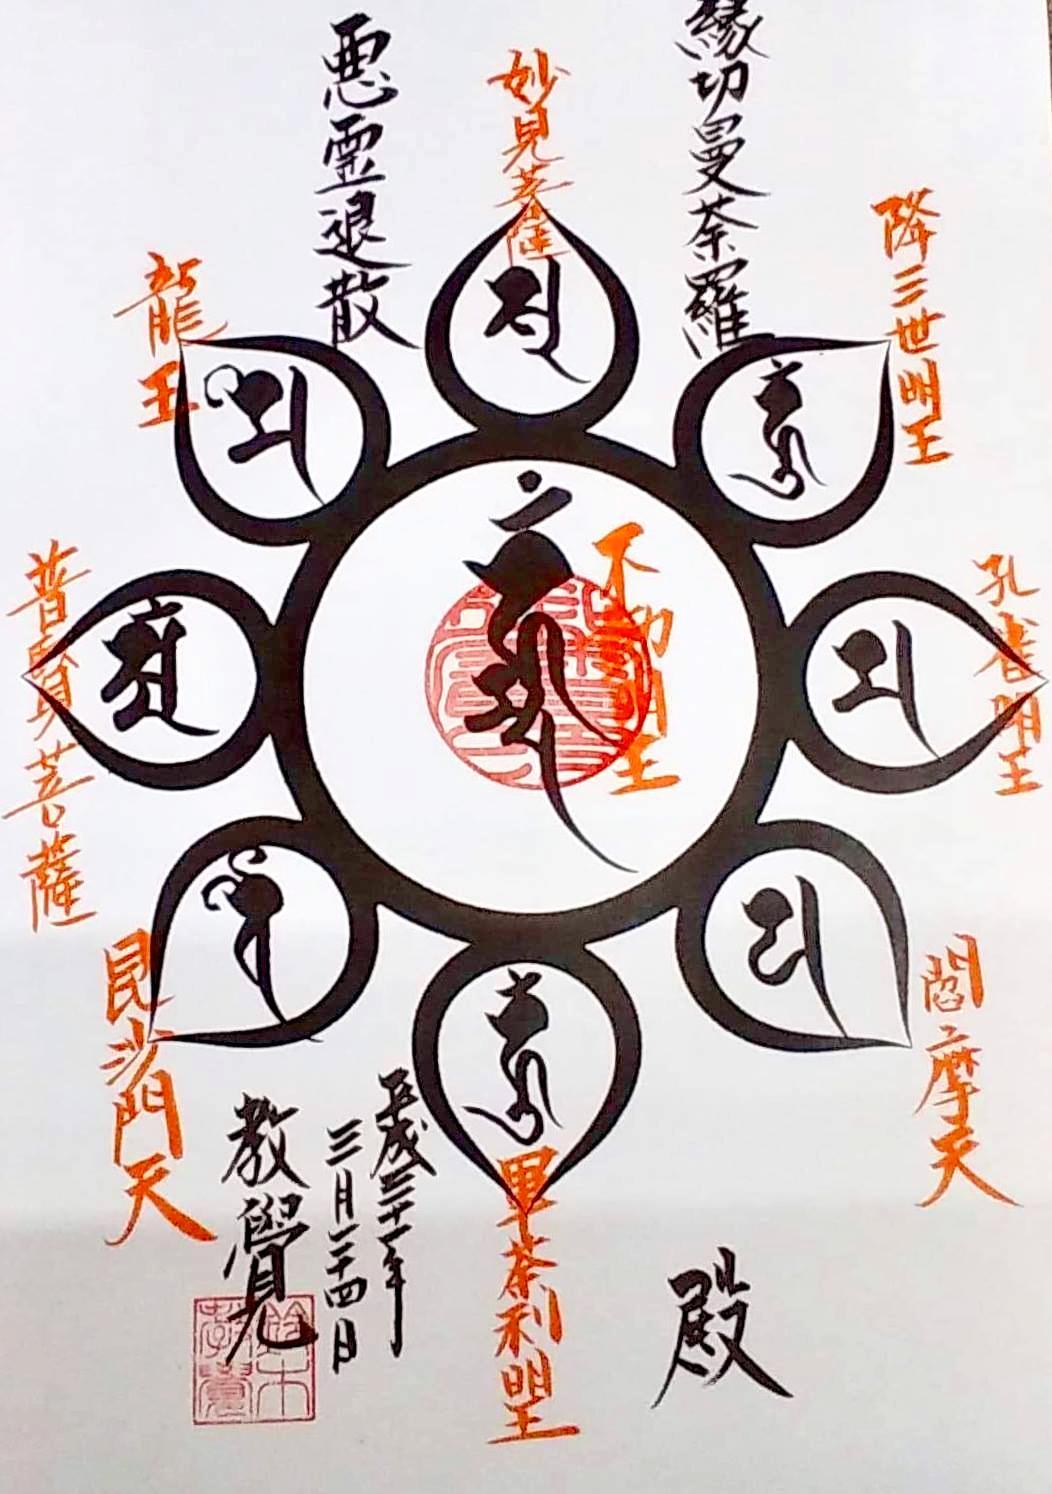 悪霊退散 縁切曼荼羅画像